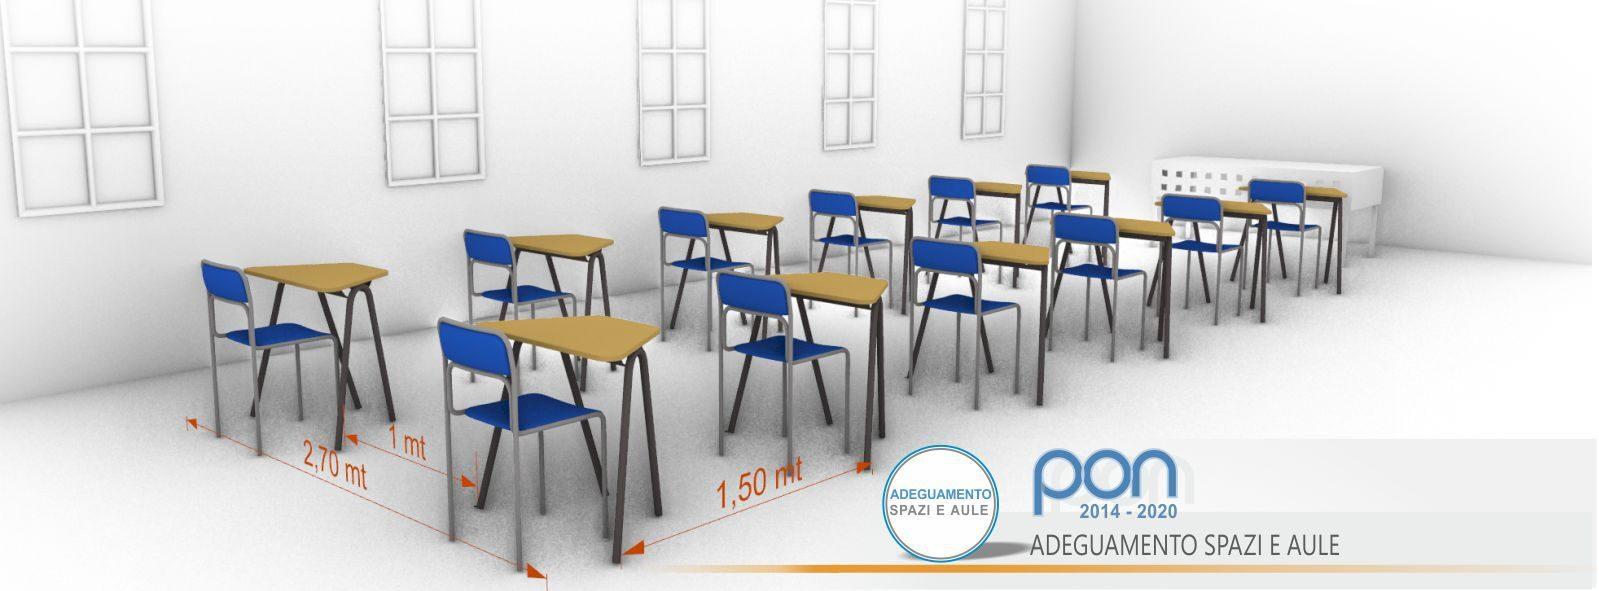 PON Adeguamento spazi e aule